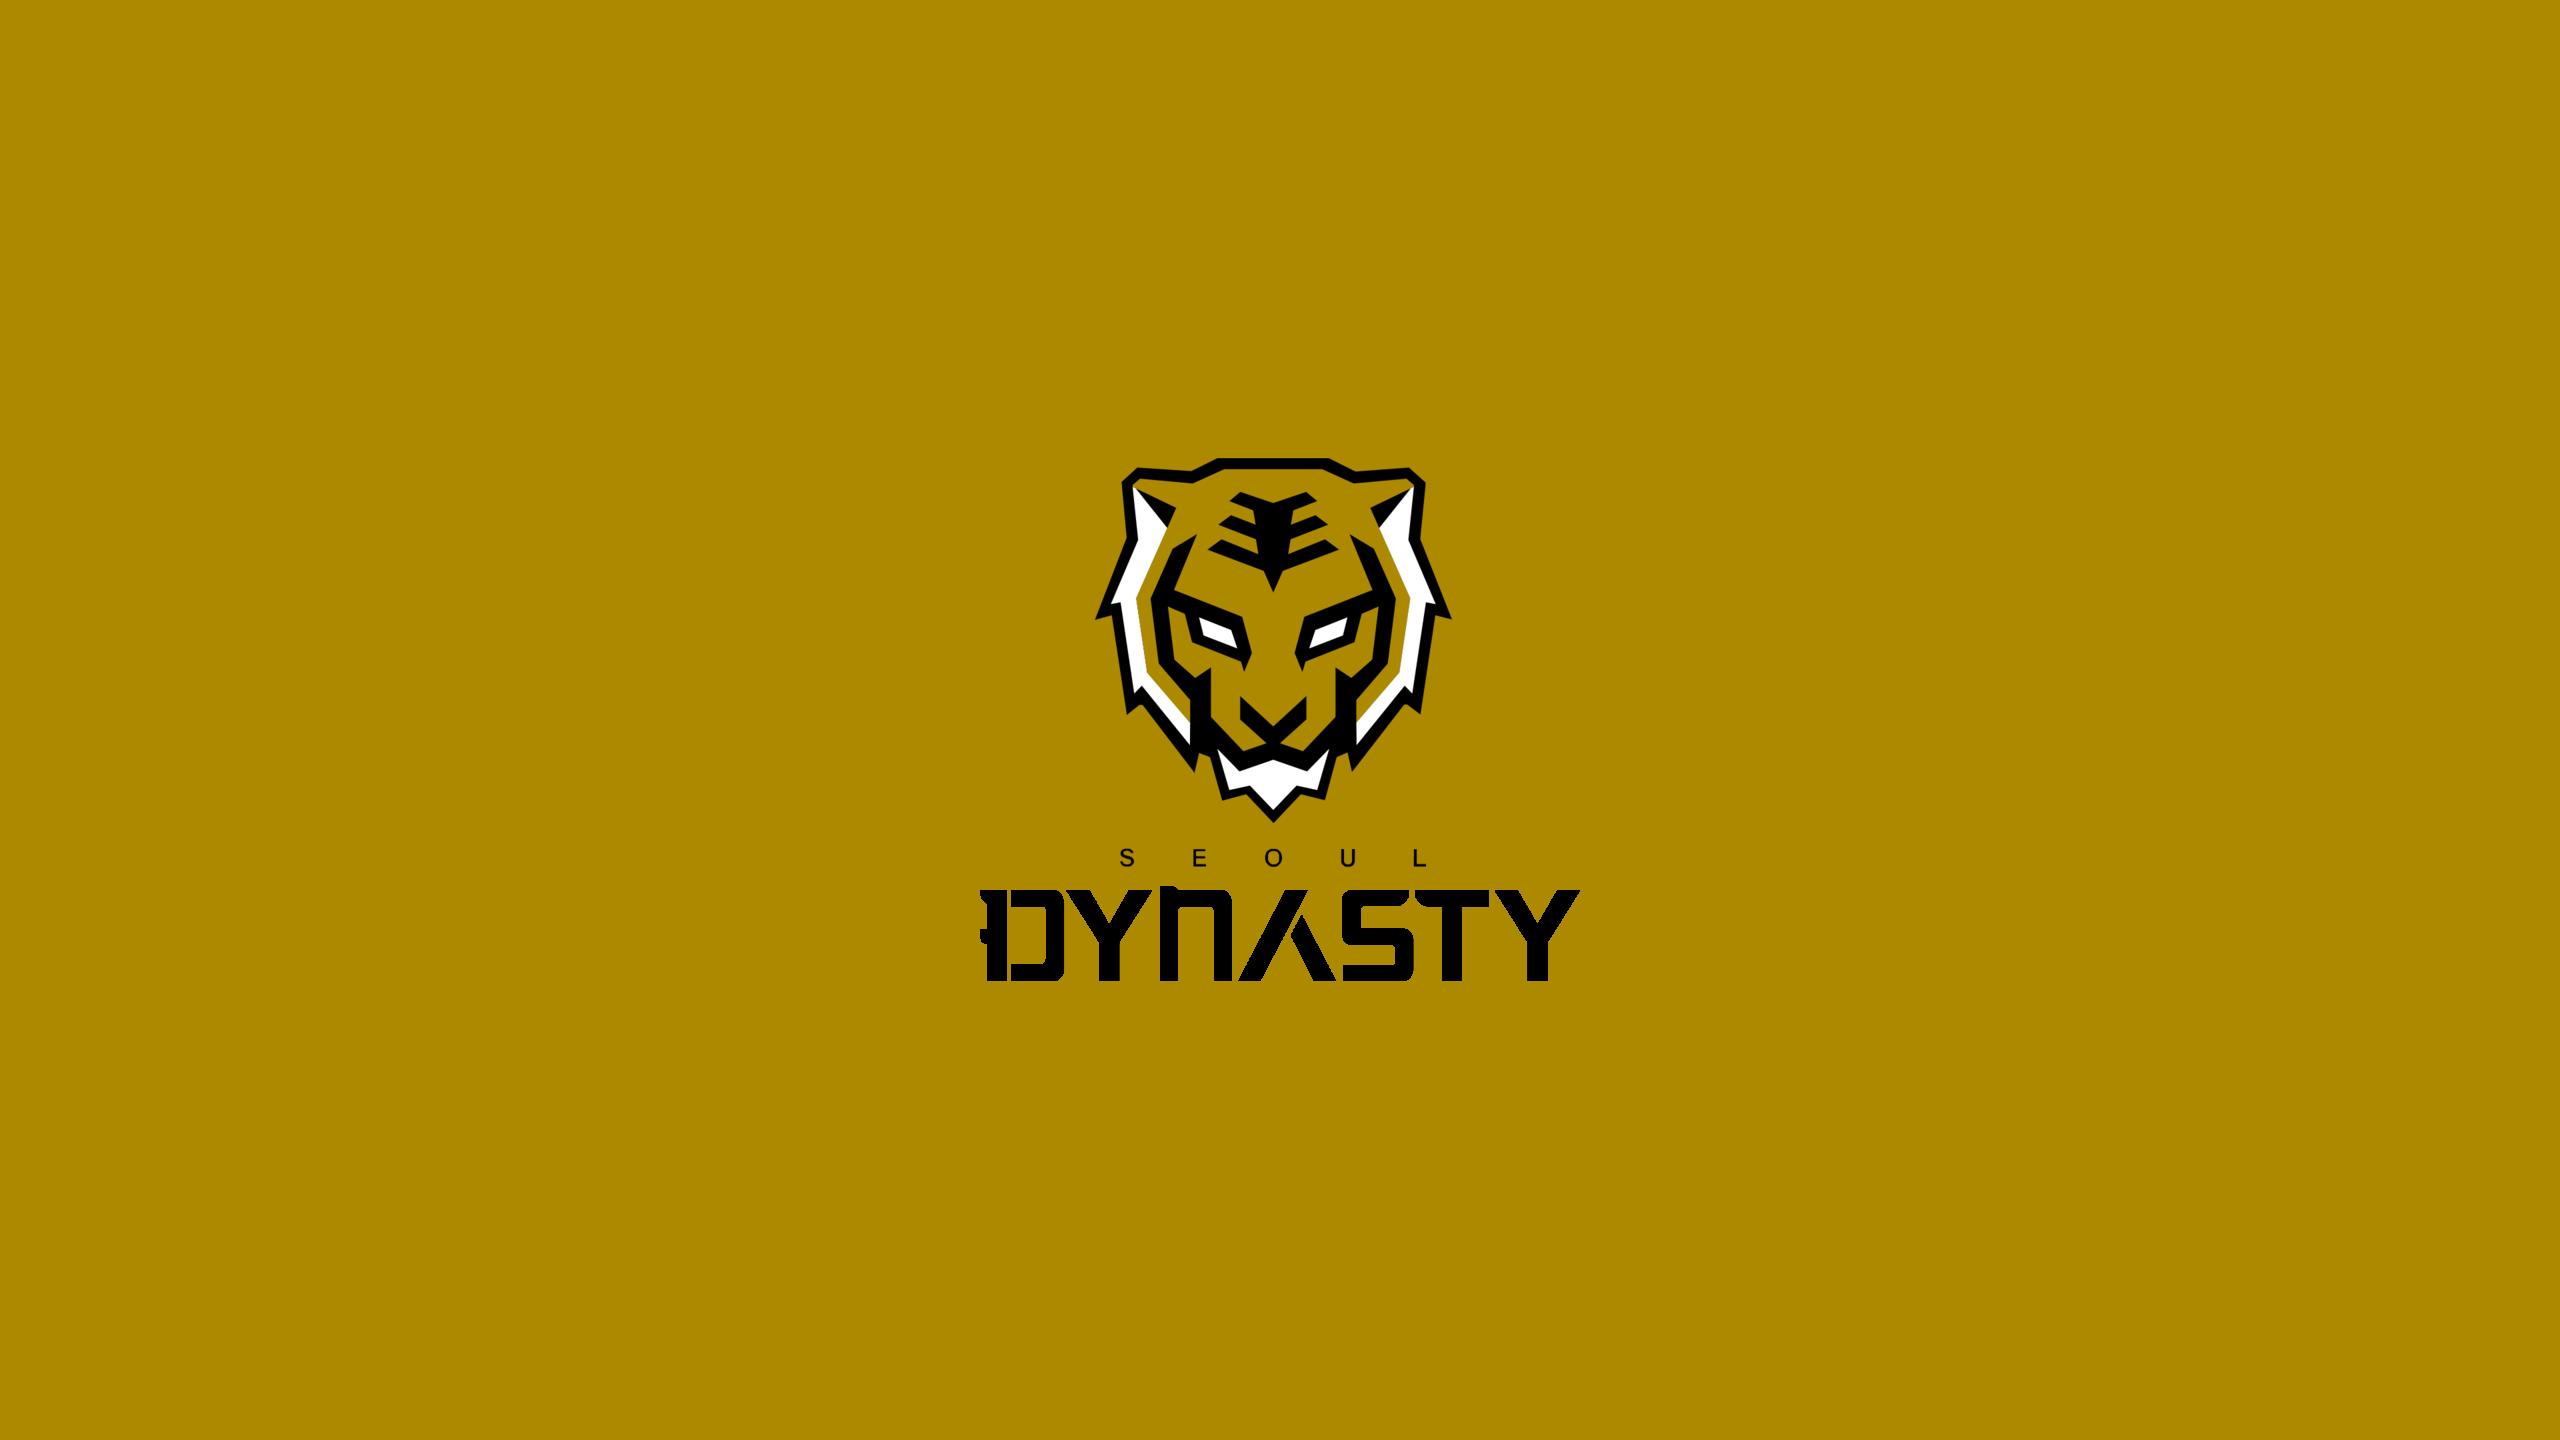 Seoul Dynasty